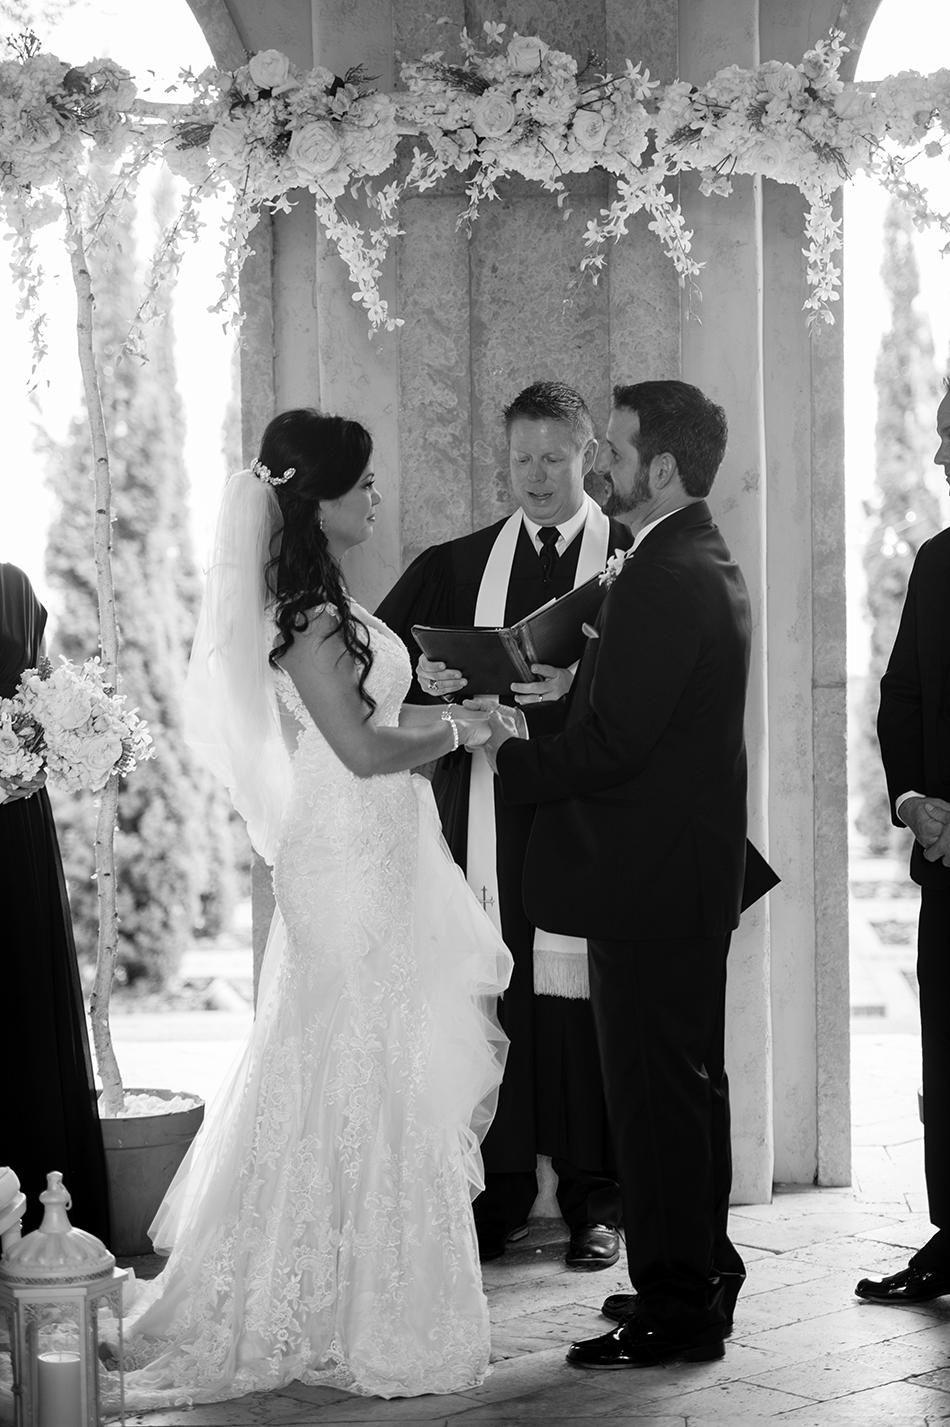 bella collina outdoor wedding ceremony